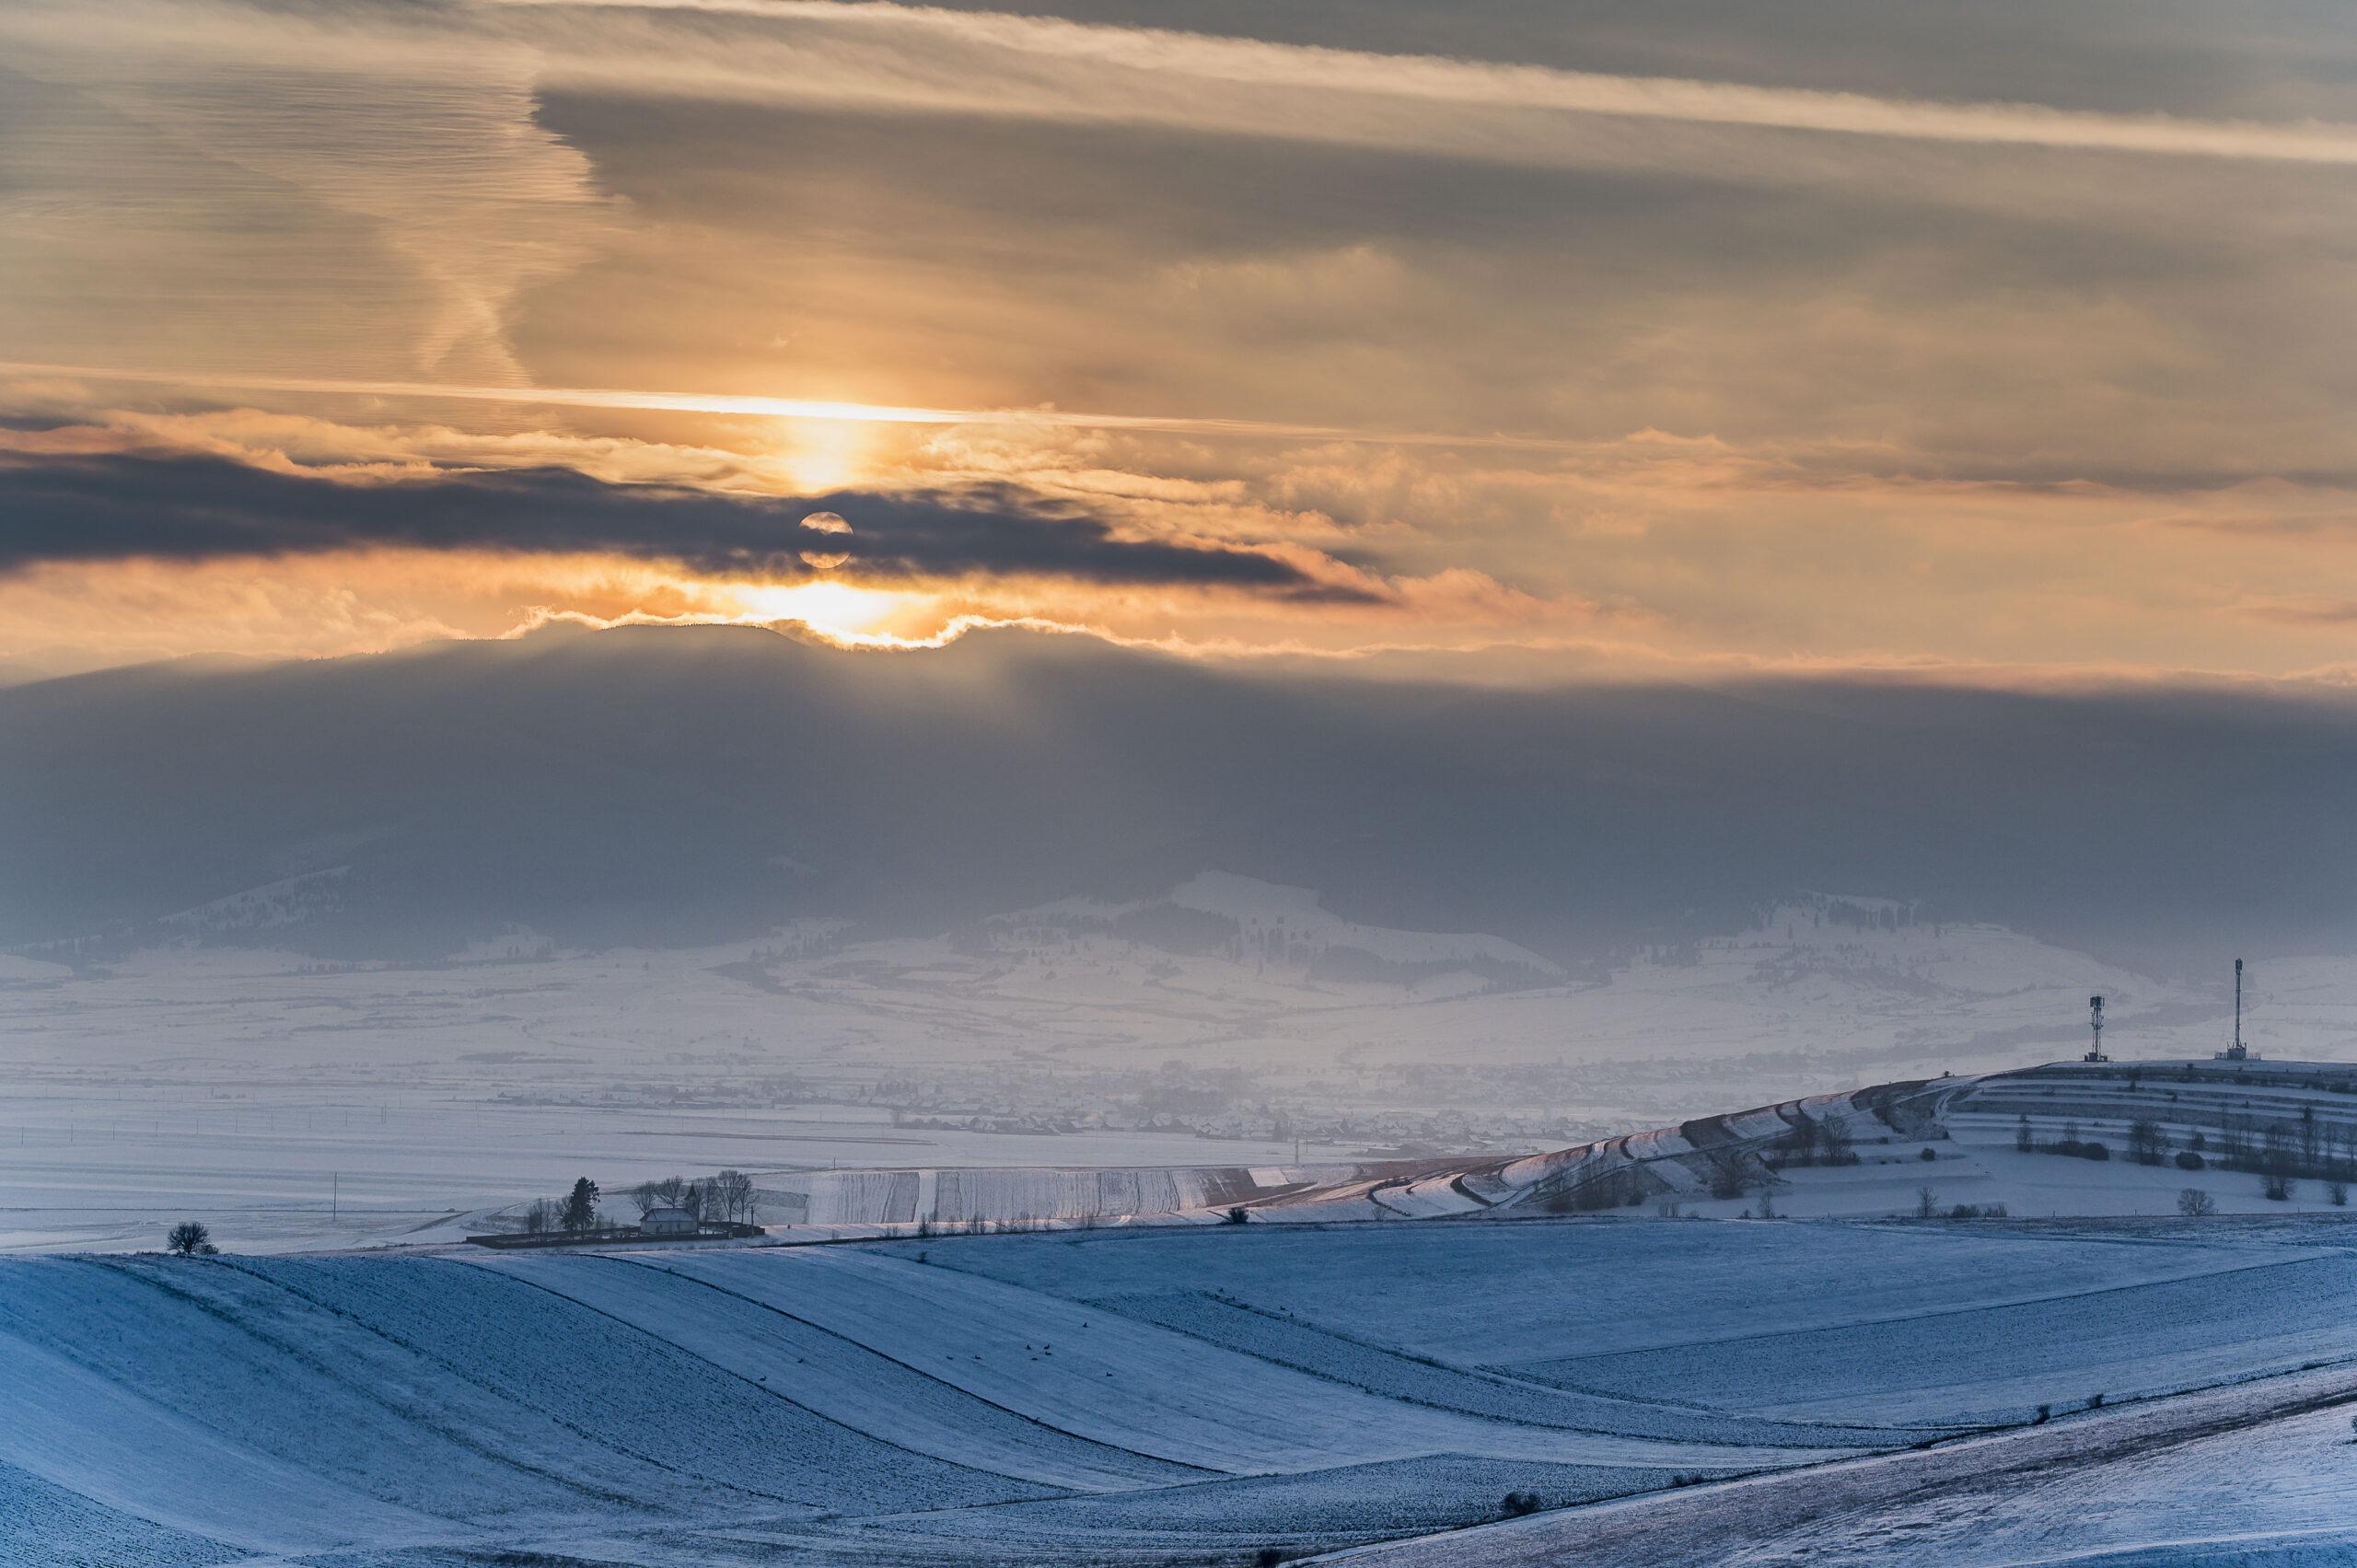 Sunset on Harghita mountain